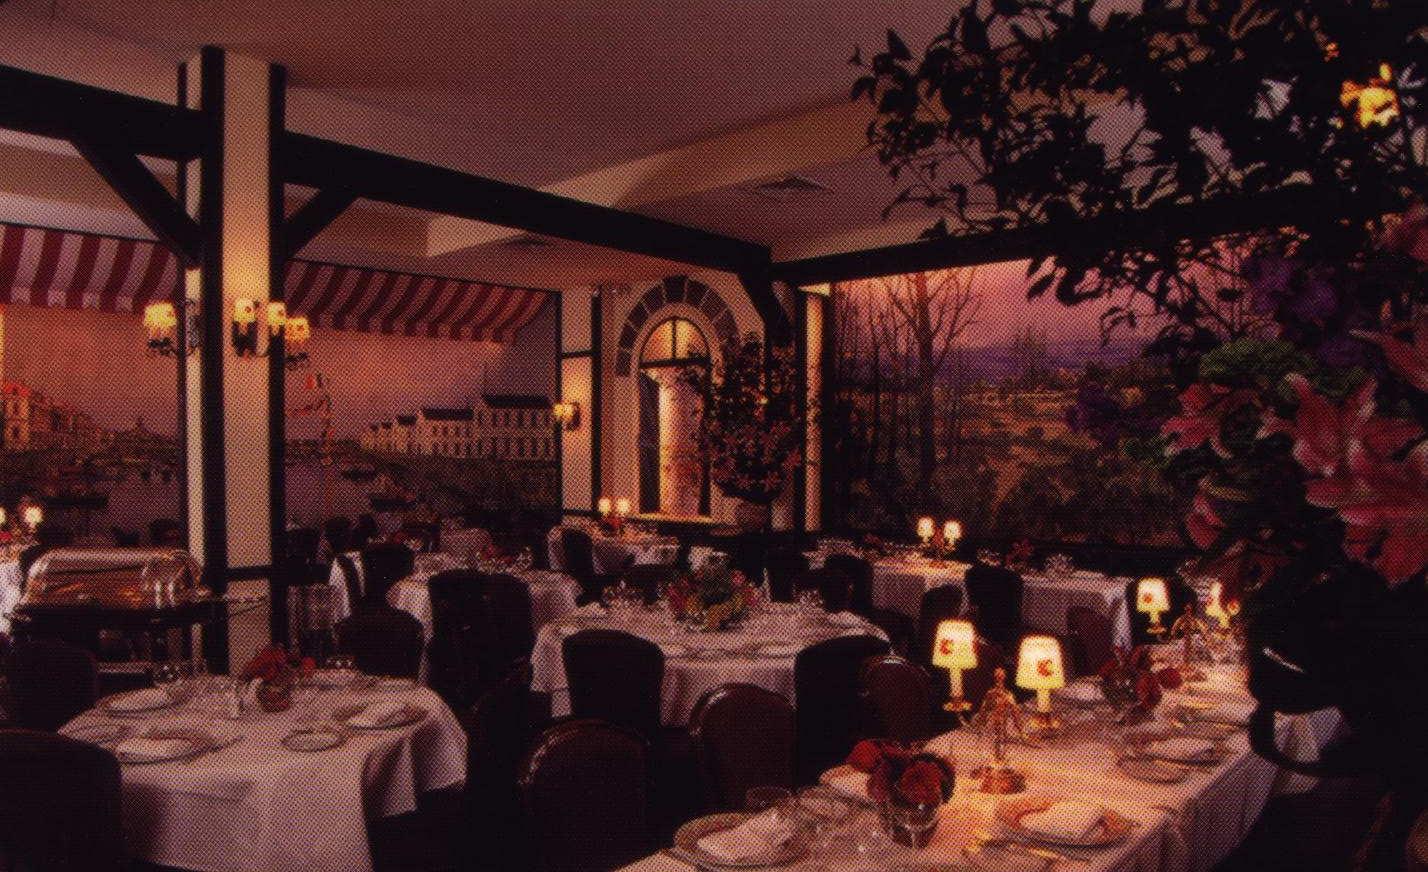 La Cote Basque Restaurant Nyc